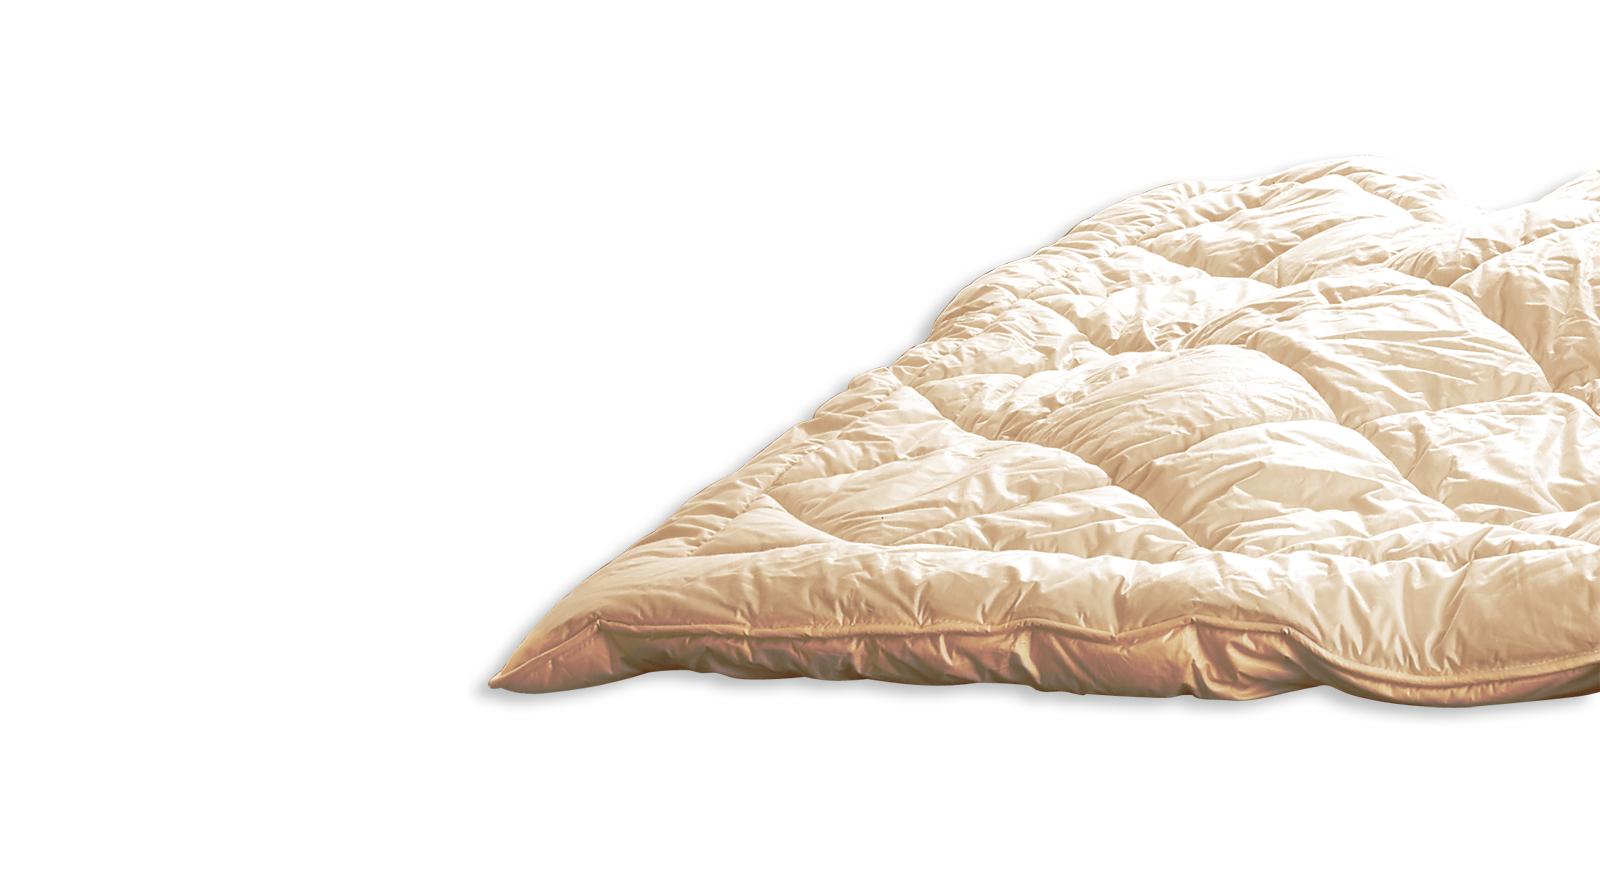 Die Cashmere-Decke Hinterzarten im Detail